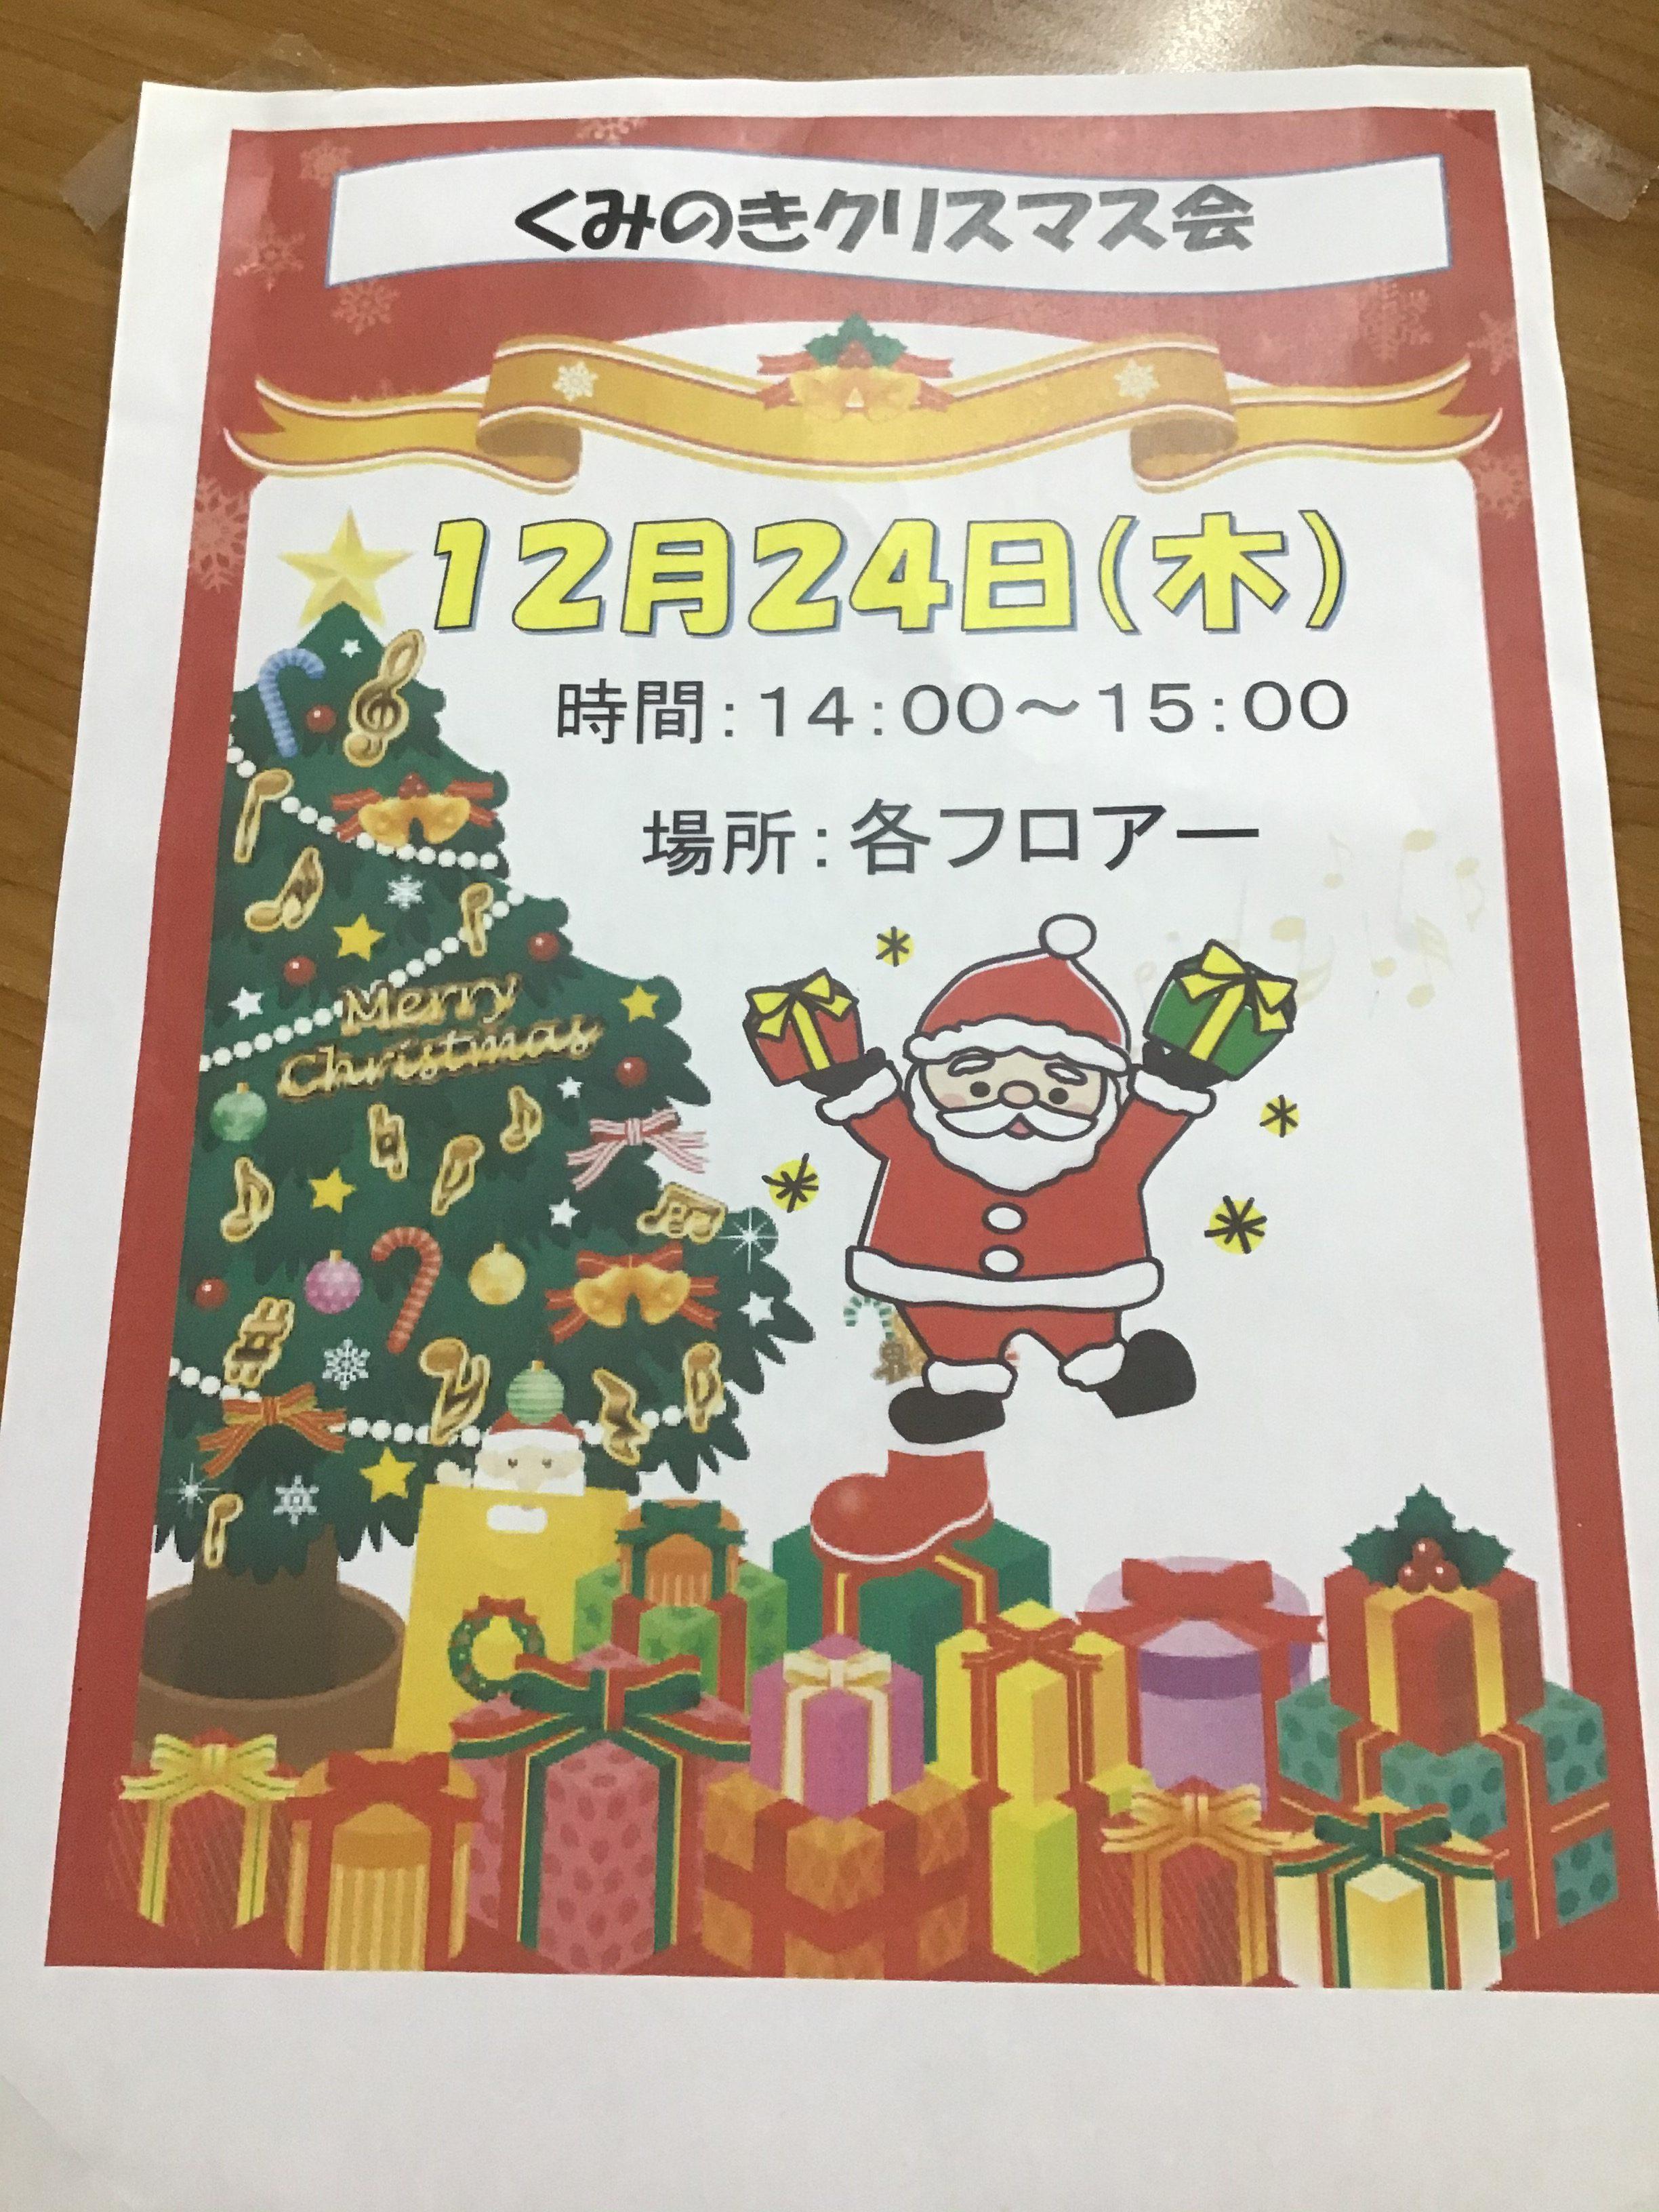 ☆クリスマス会(令和2年12月28日)☆